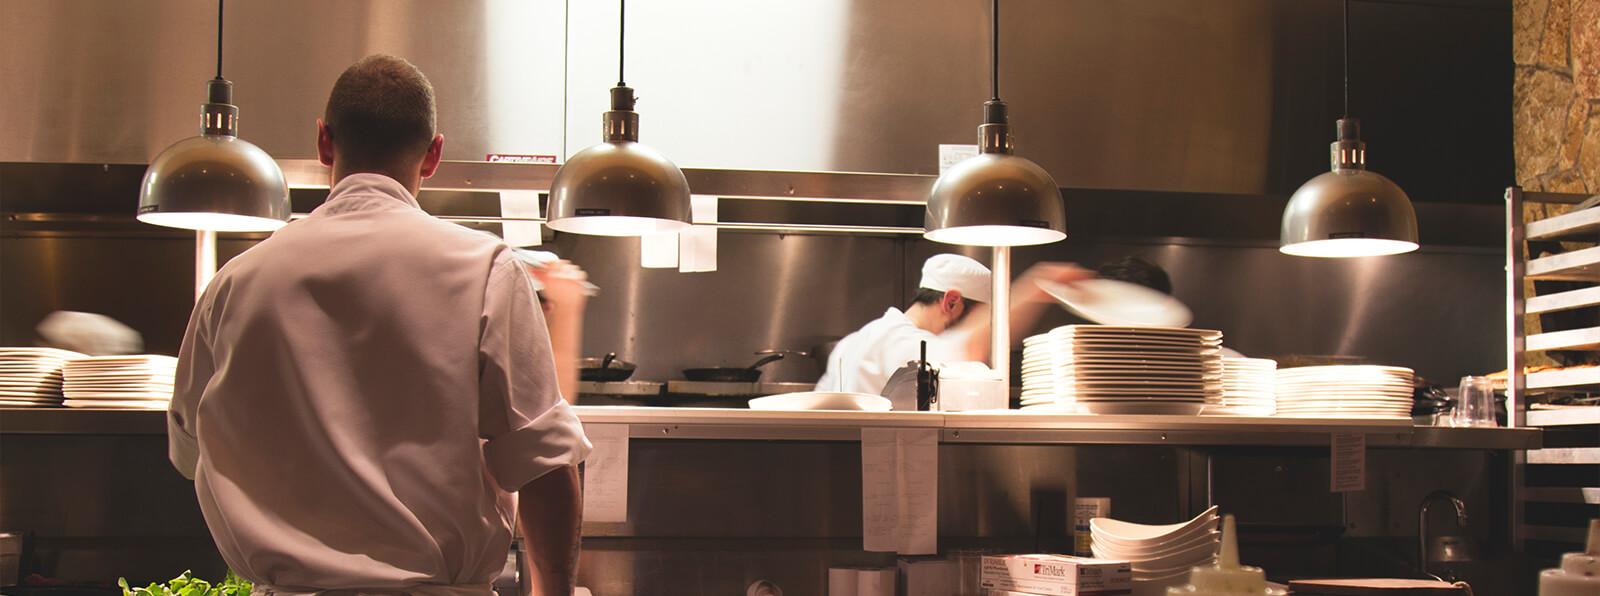 Wo kann man gut essen in Schildow? - Leckere hausgemachte normannische Küche - Restaurant Normandie im Norden von Berlin